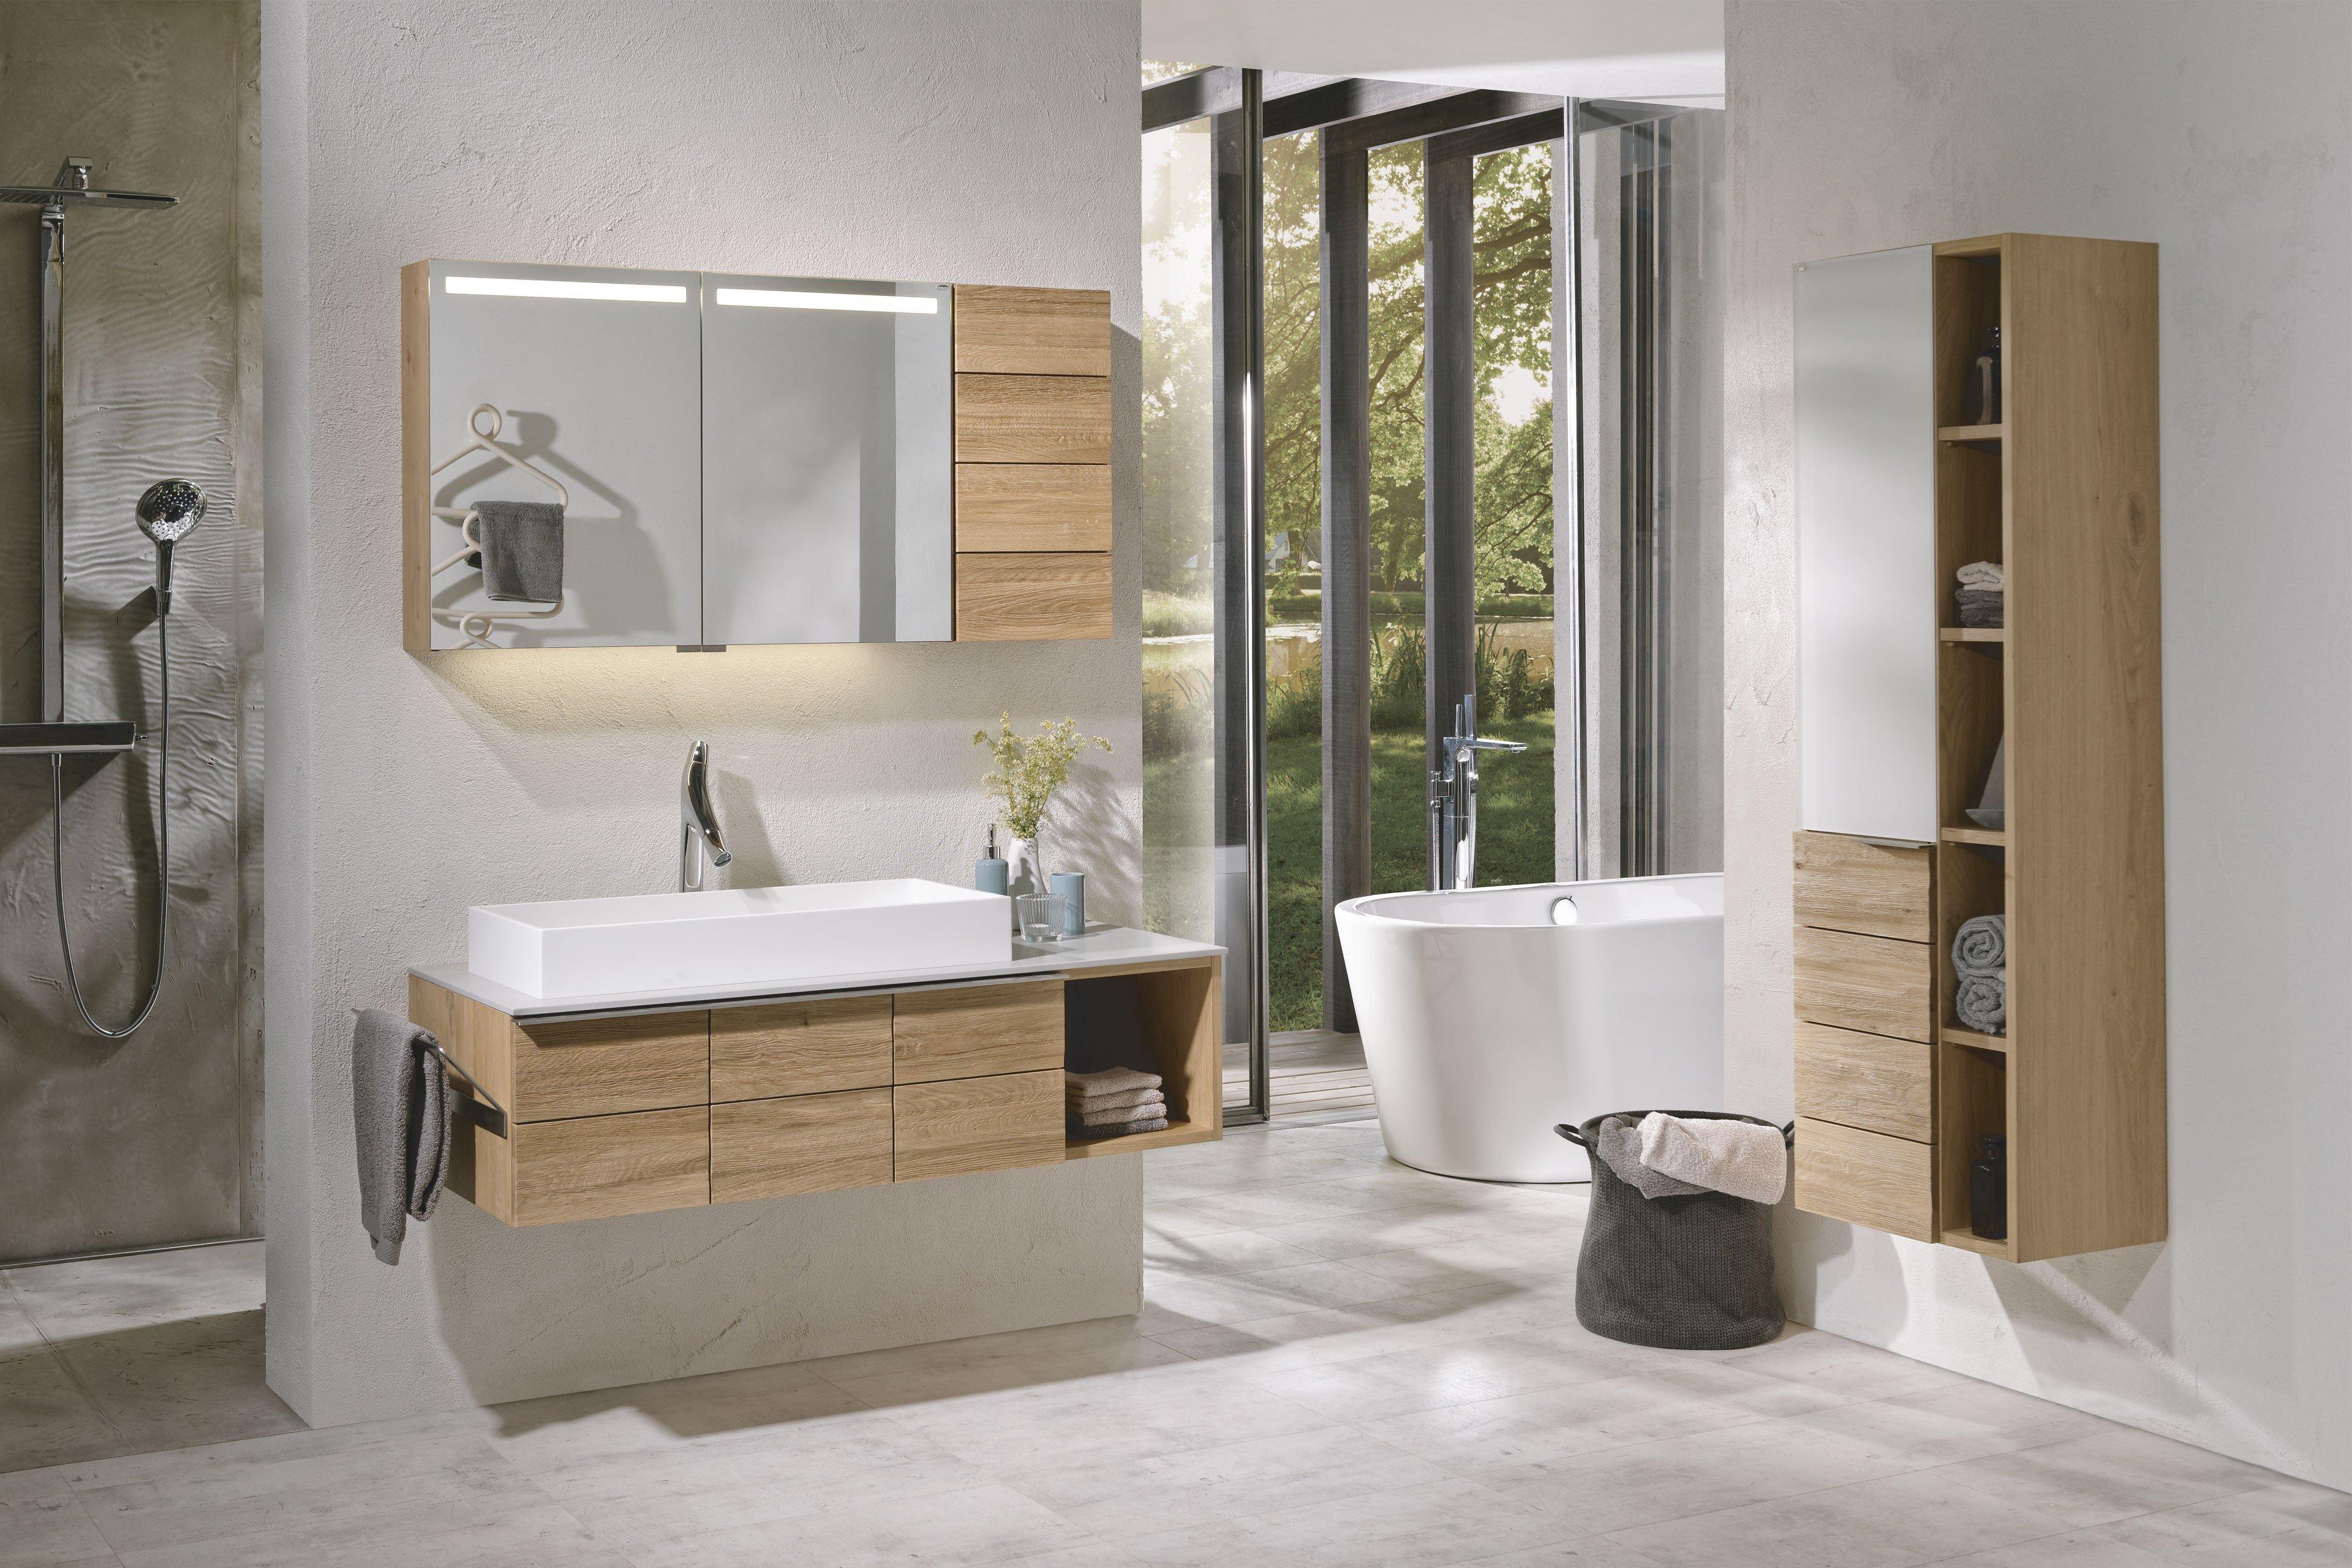 Voglauer badezimmer preise drewkasunic designs for Mobel 0 finanzierung segmuller